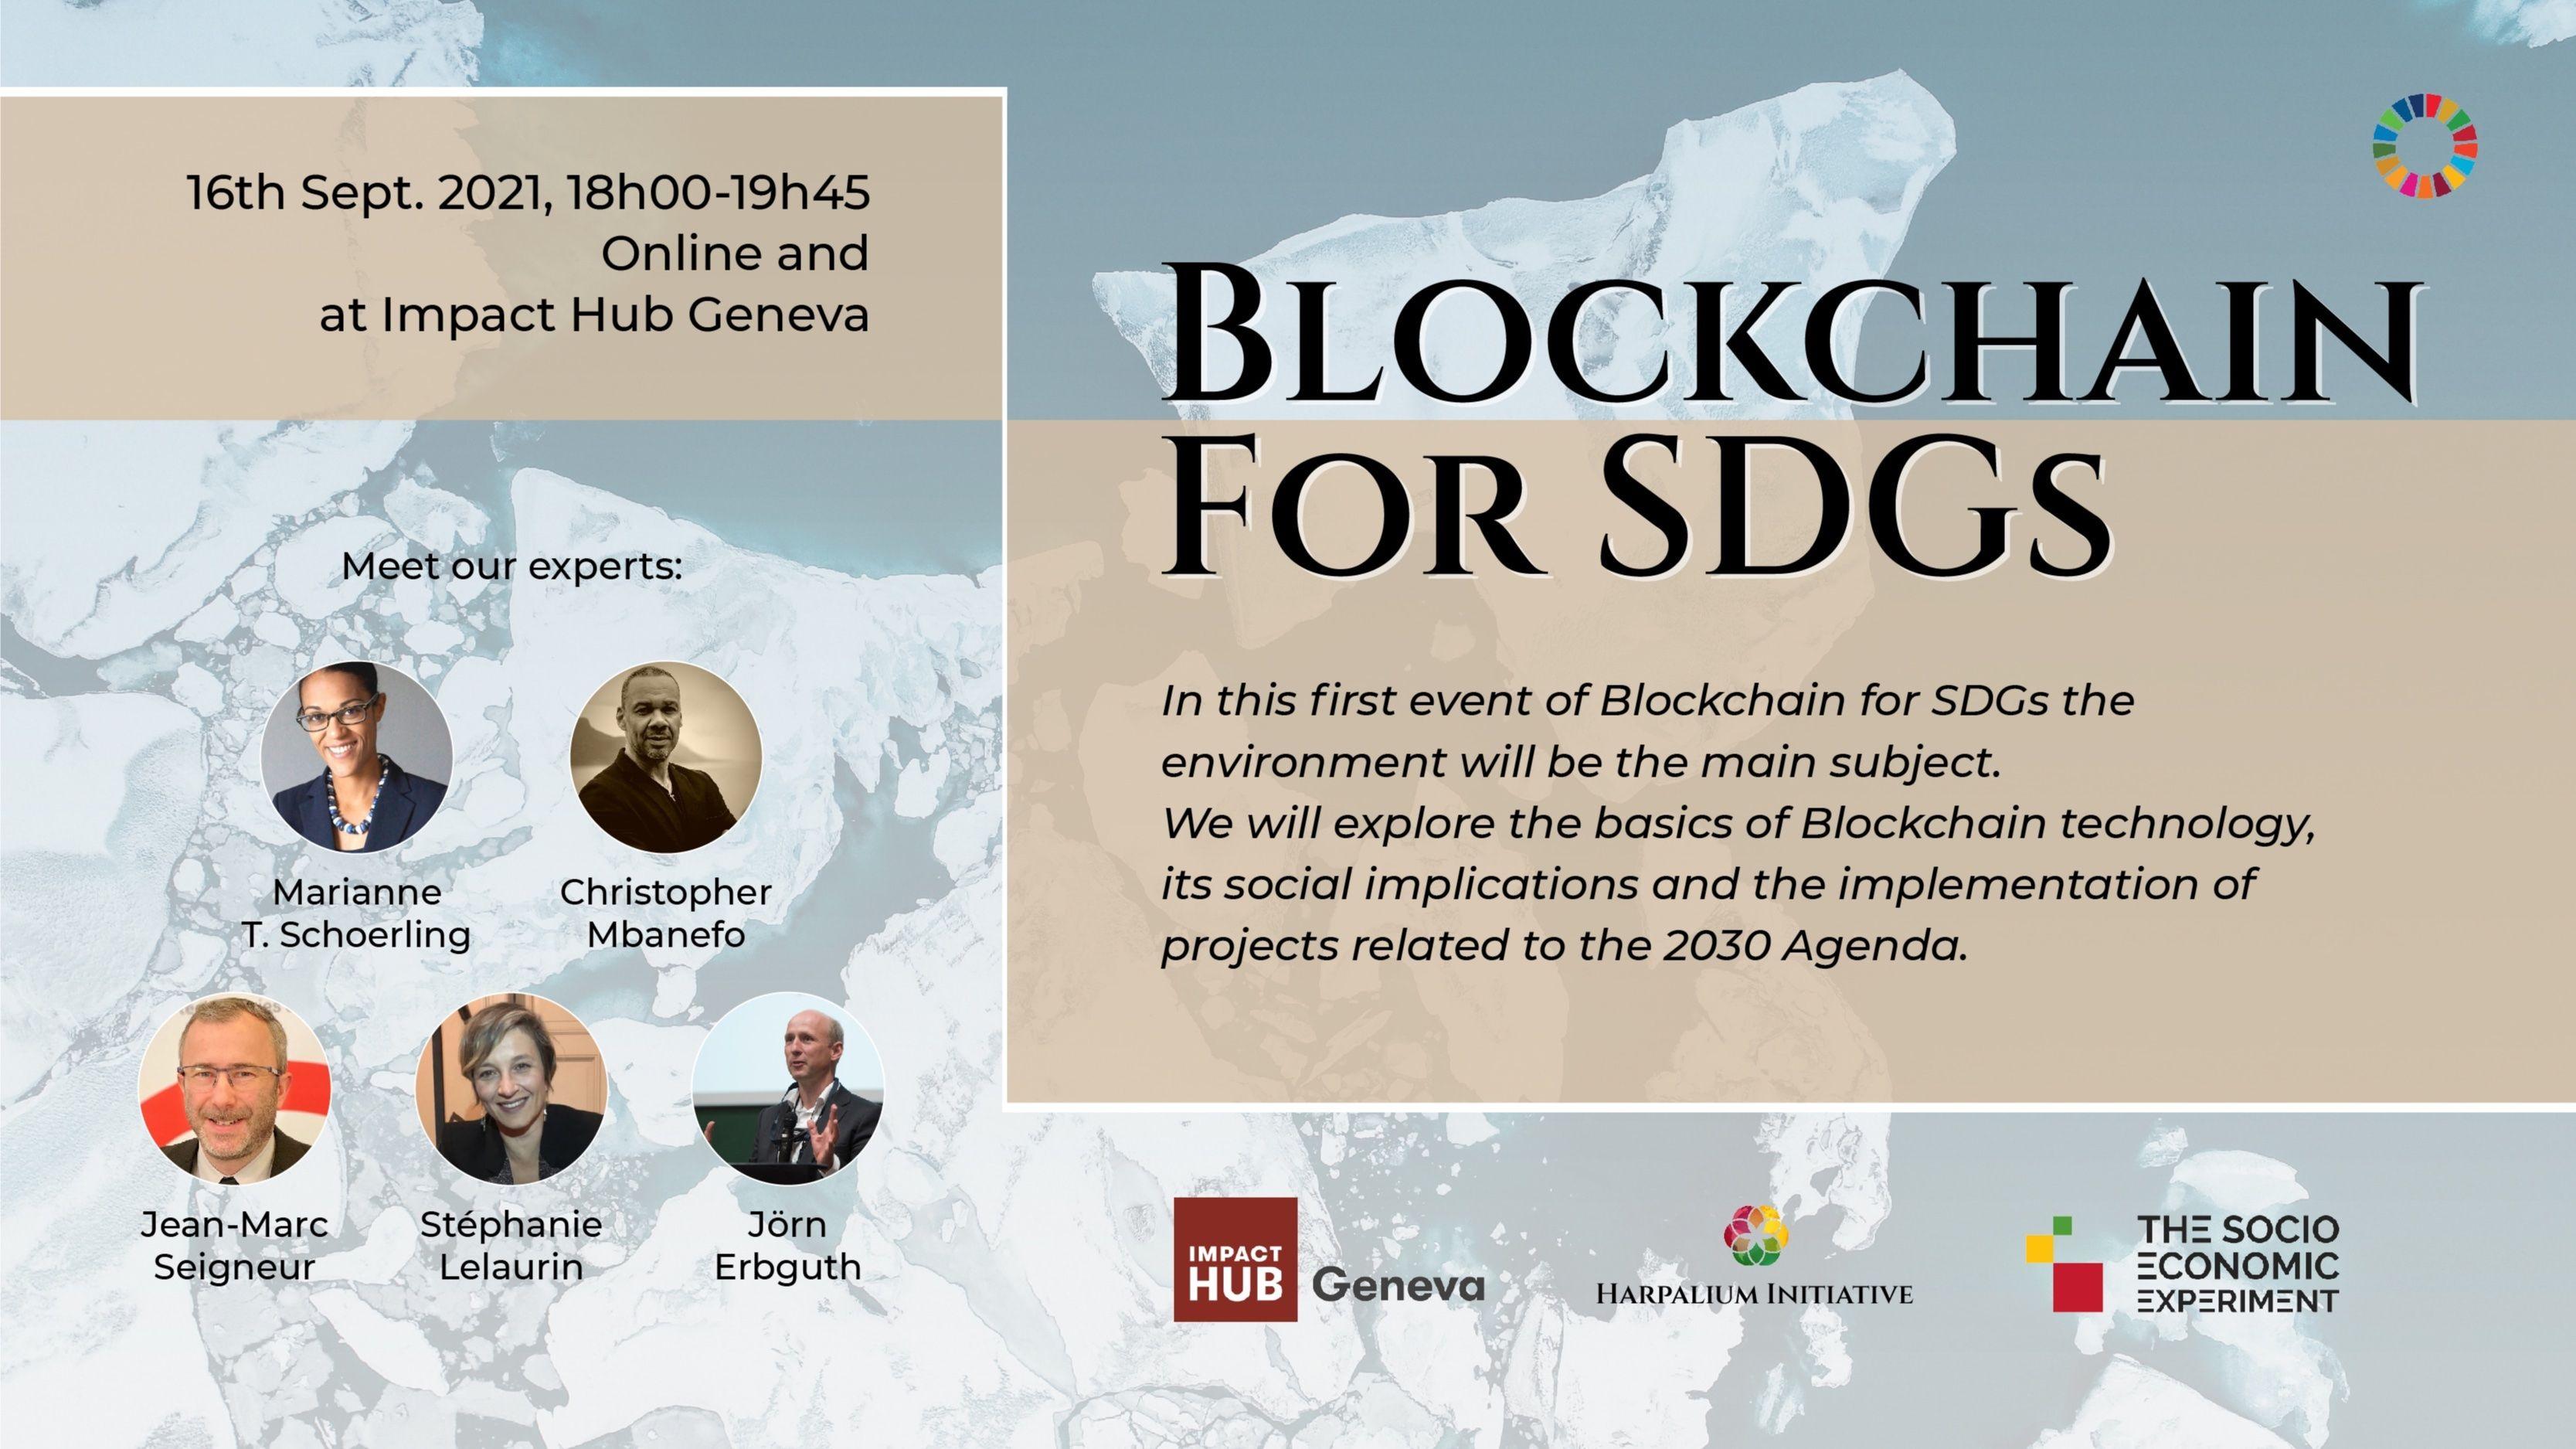 Blockchain for SDGs